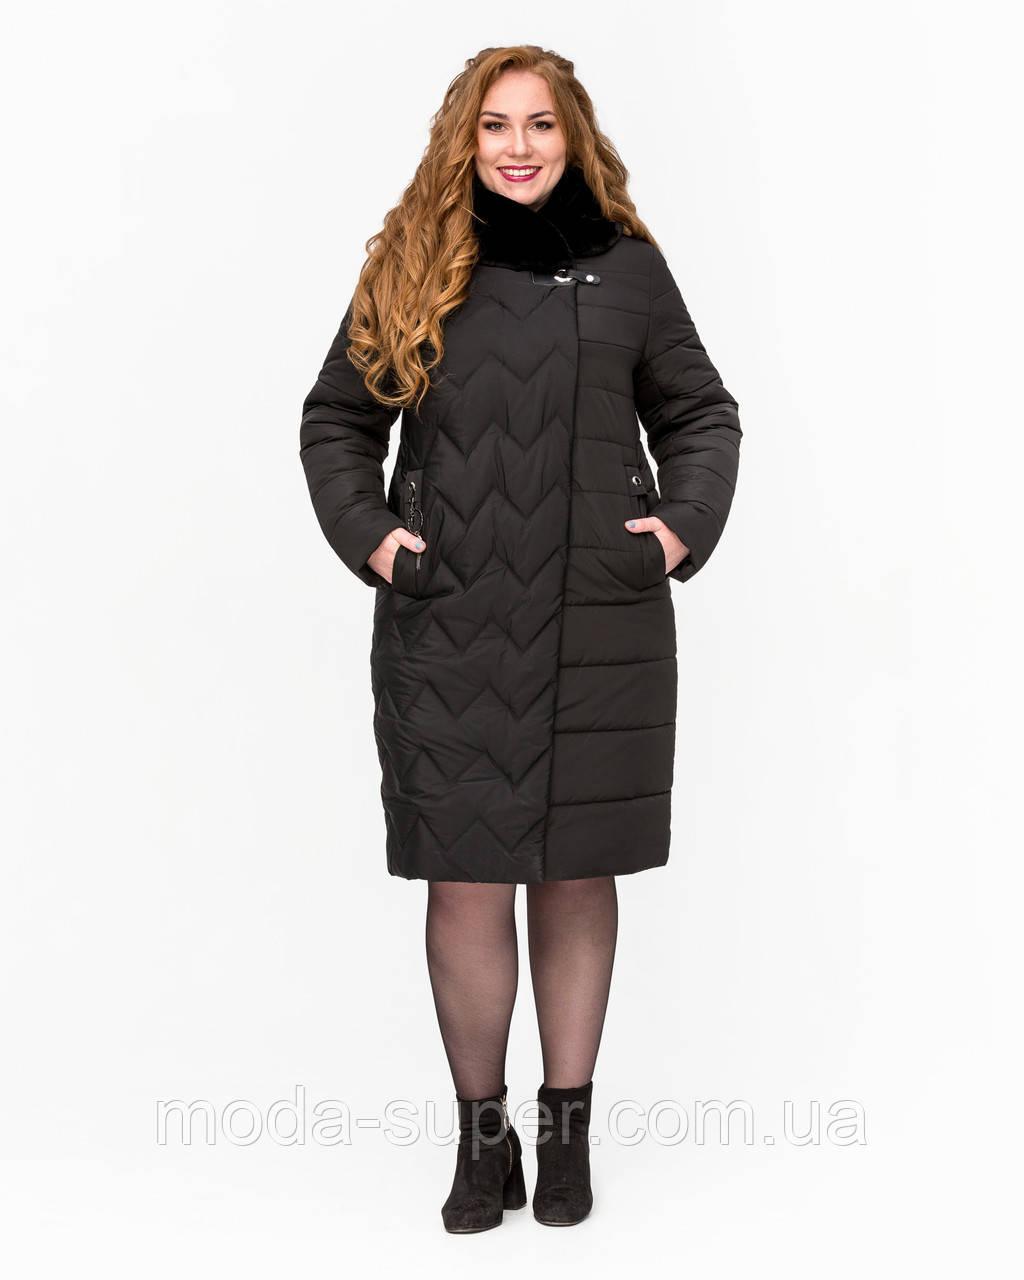 Зимова куртка із штучним хутром мутон рр 52-64